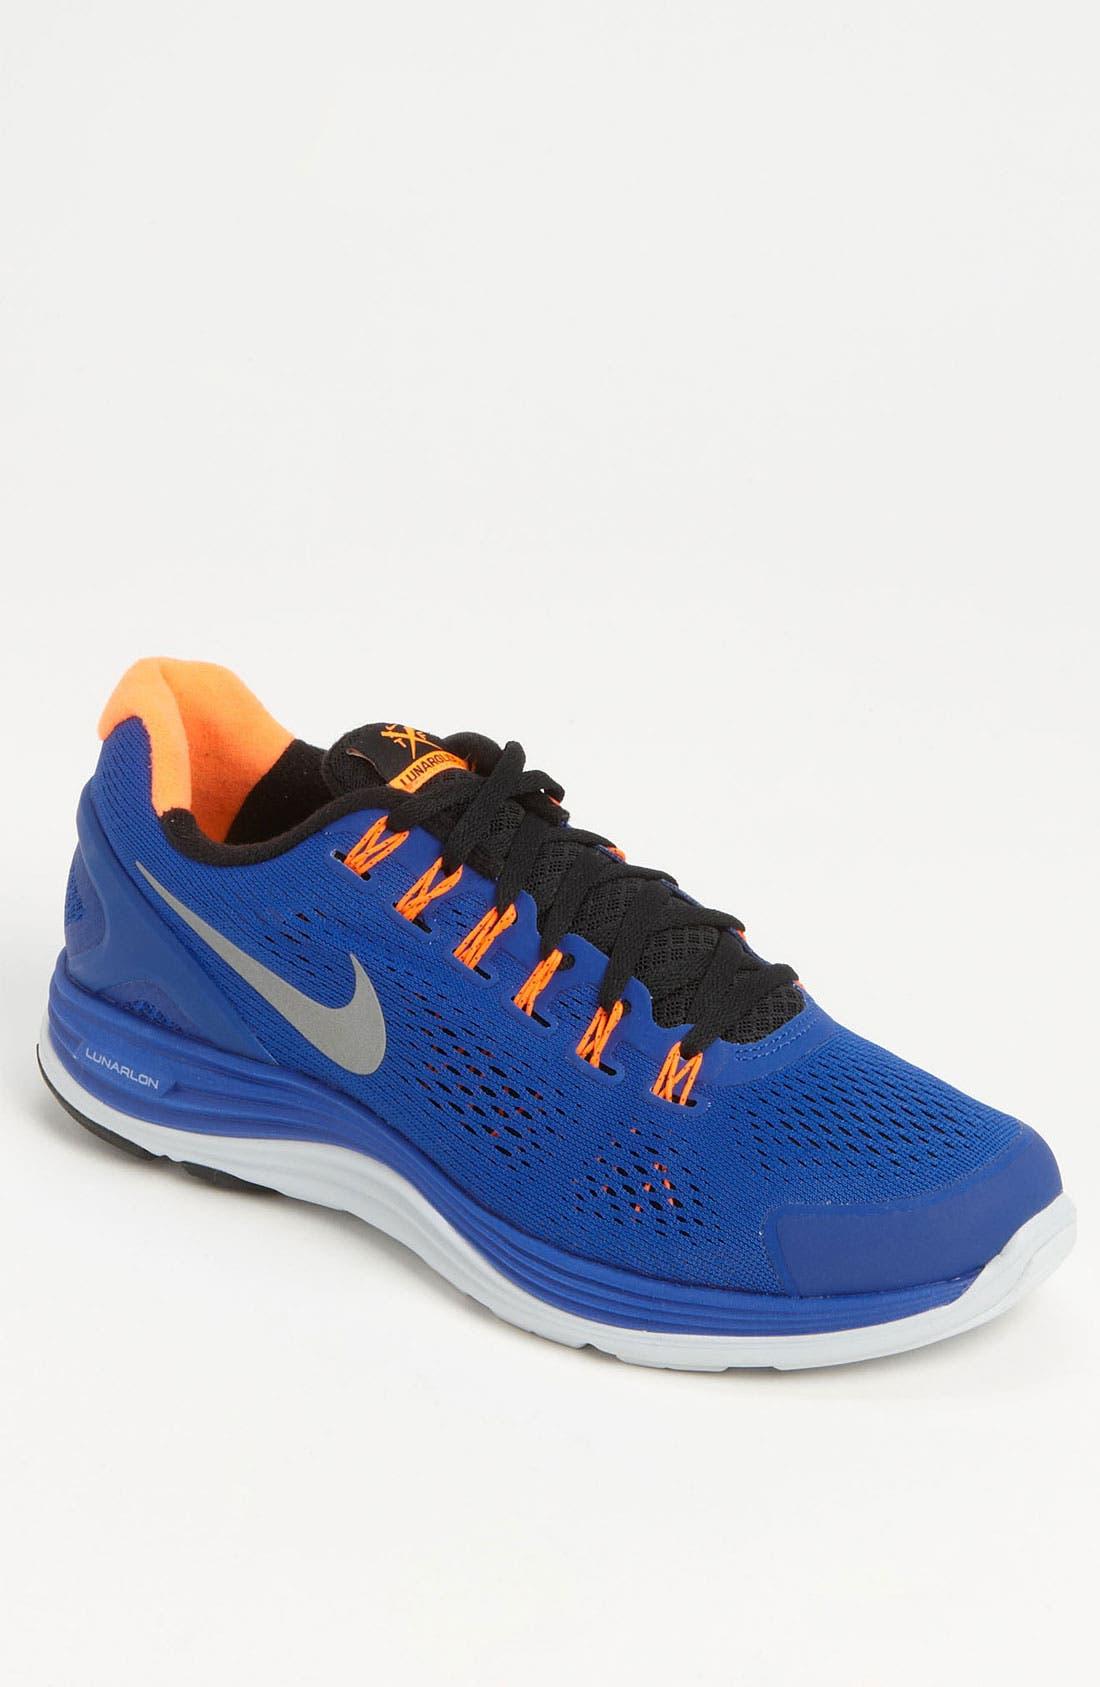 Main Image - Nike 'LunarGlide+ 4' Running Shoe (Men)